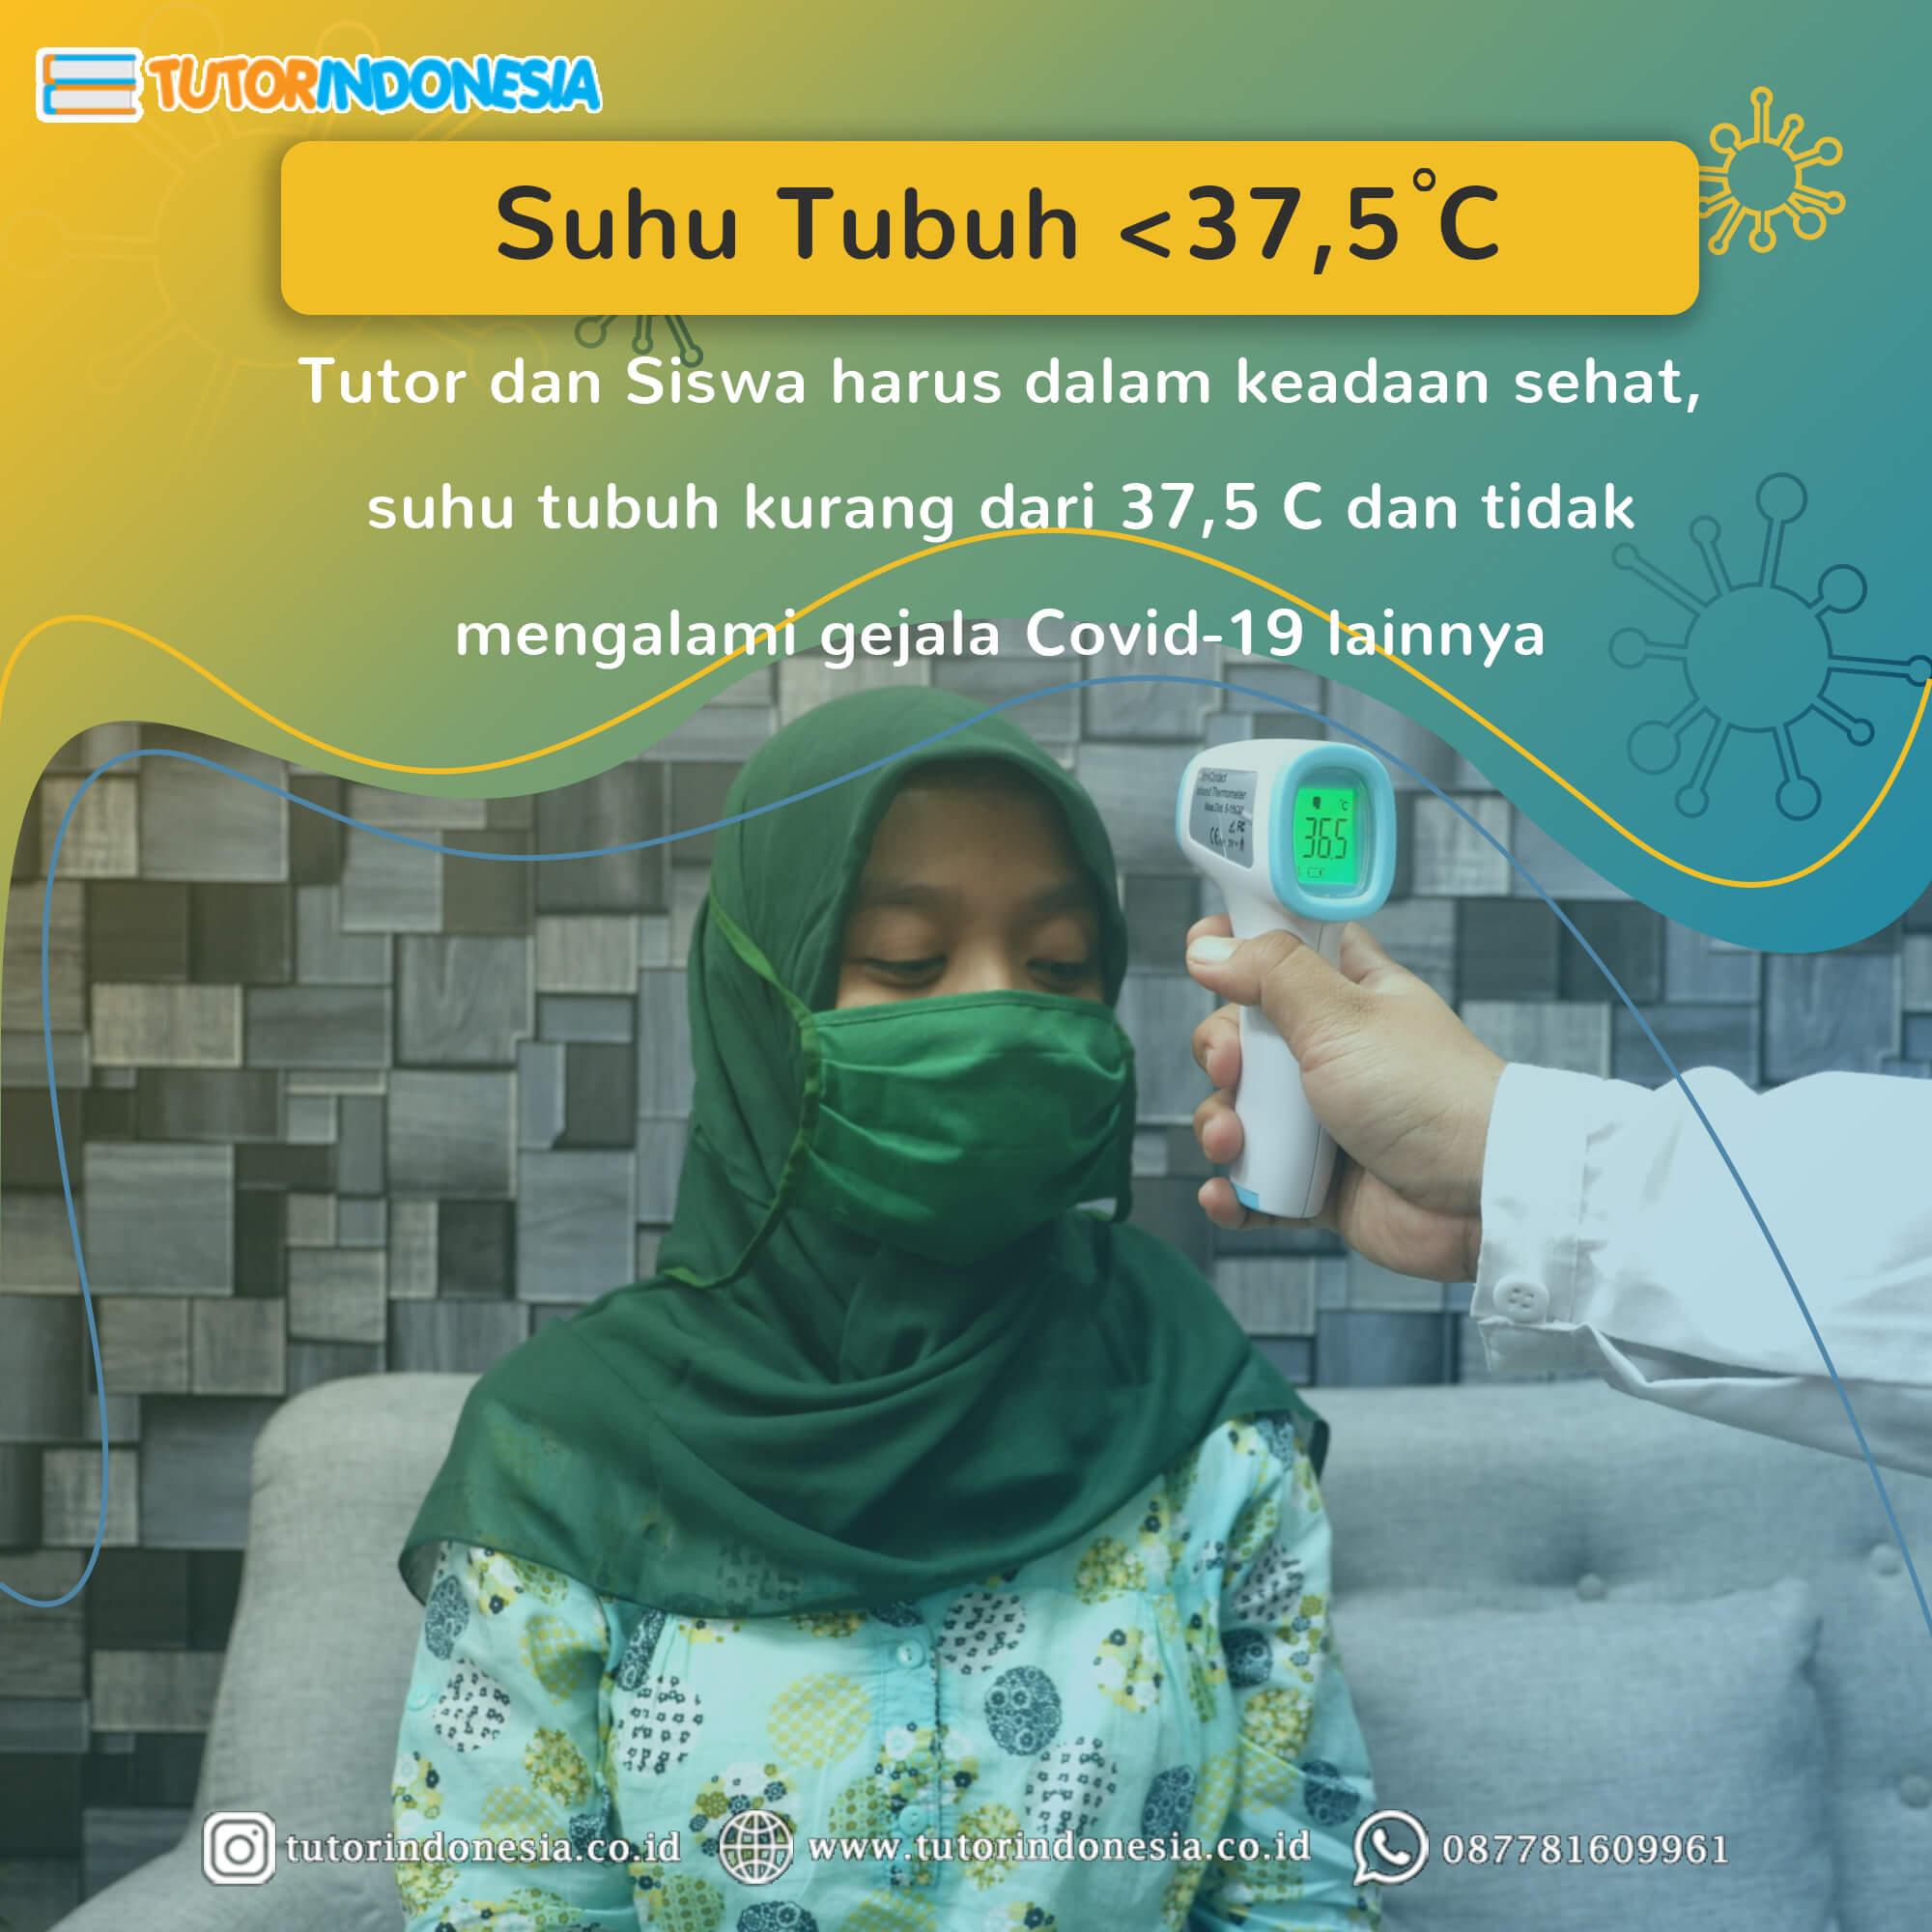 Mengecek suhu tubuh tutor untuk memastikan tutor dalam kondisi sehat. Les privat dengan protokol kesehatan